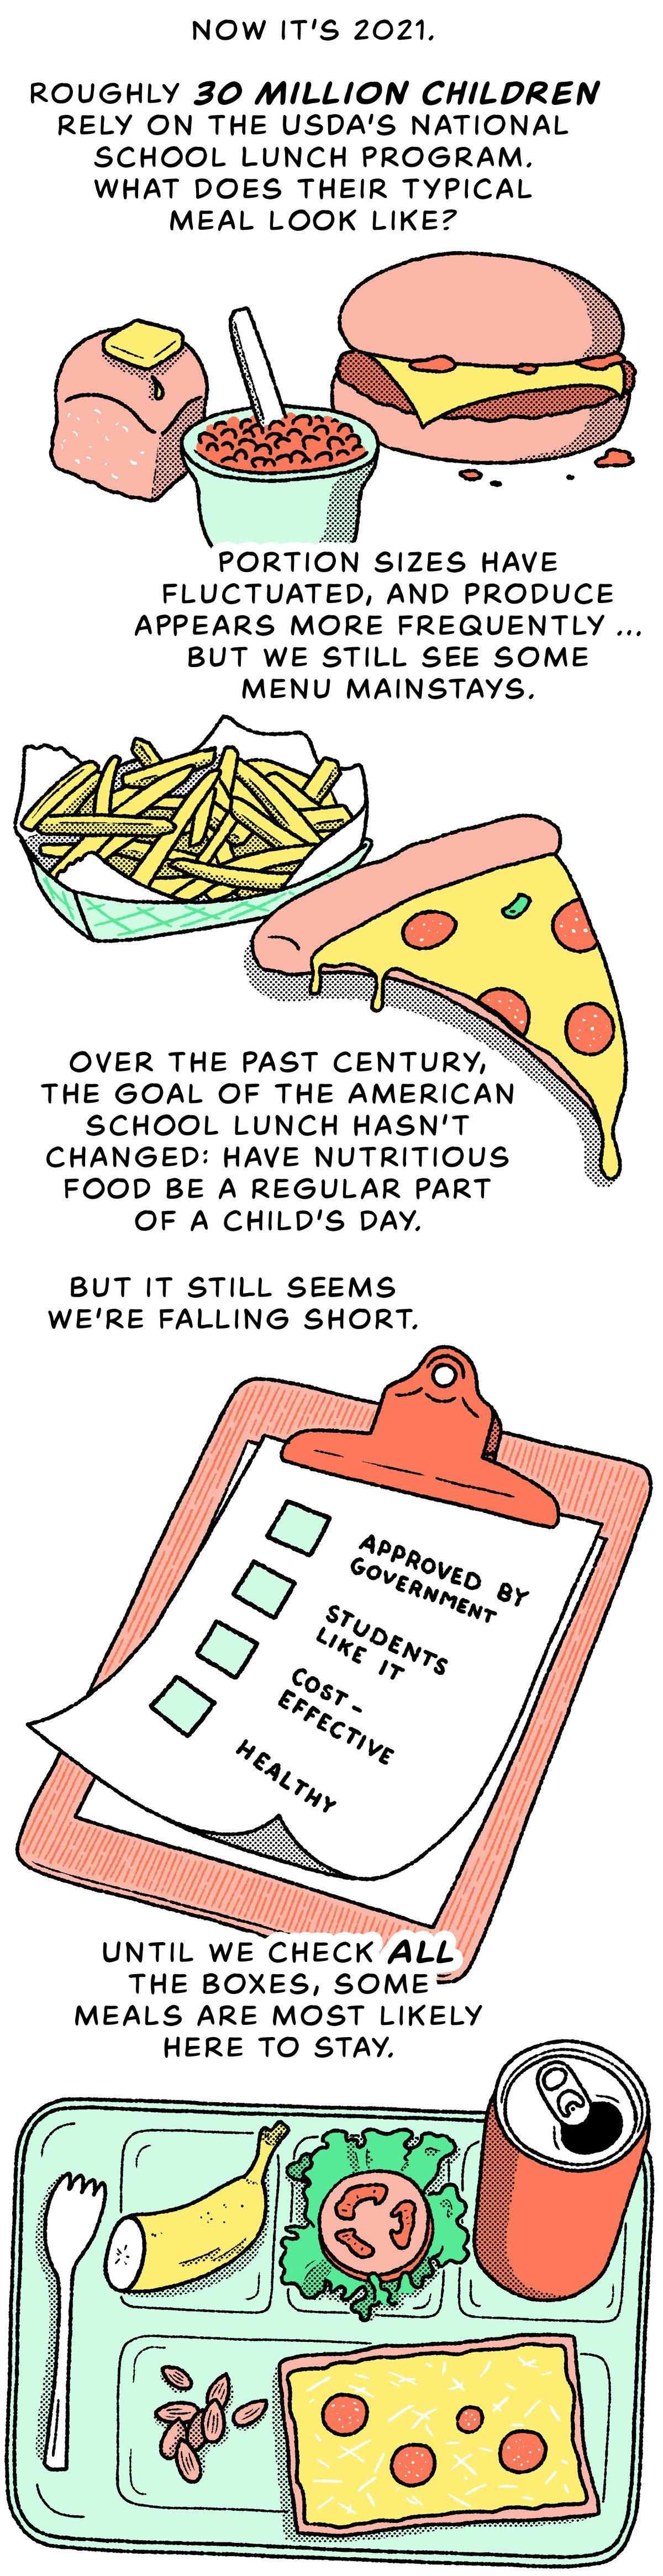 Nous sommes maintenant en 2021. Environ 30 millions d'enfants dépendent du programme national de repas scolaires de l'USDA.  À quoi ressemble leur déjeuner scolaire typique?  La taille des portions a fluctué et les produits apparaissent plus fréquemment… mais nous voyons toujours certains piliers du menu.  Au cours du siècle dernier, l'objectif du déjeuner scolaire américain n'a pas changé : faire en sorte que des aliments nutritifs fassent partie intégrante de la journée d'un enfant.  Mais il semble toujours que nous échouons.  Tant que nous n'aurons pas coché toutes les cases, certains repas resteront probablement là.